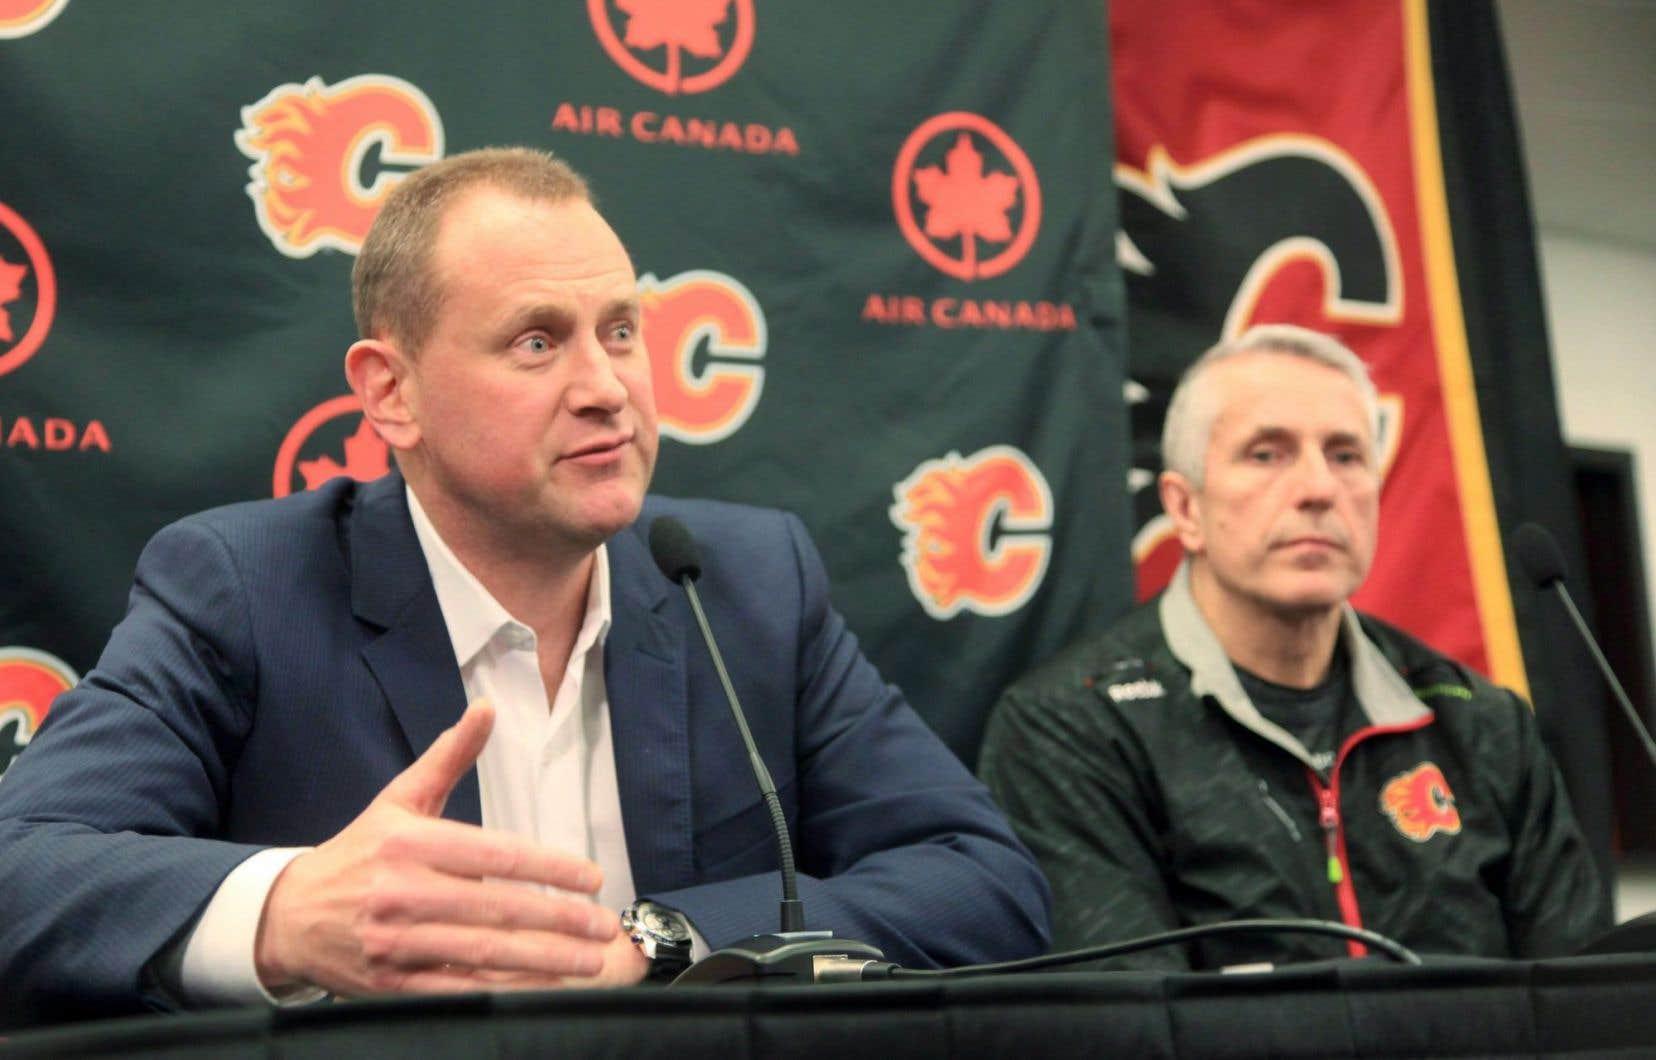 Le directeur général des Flames, Brad Treliving (à gauche), et l'ancien entraîneur-chef des Flames, Bob Hartley